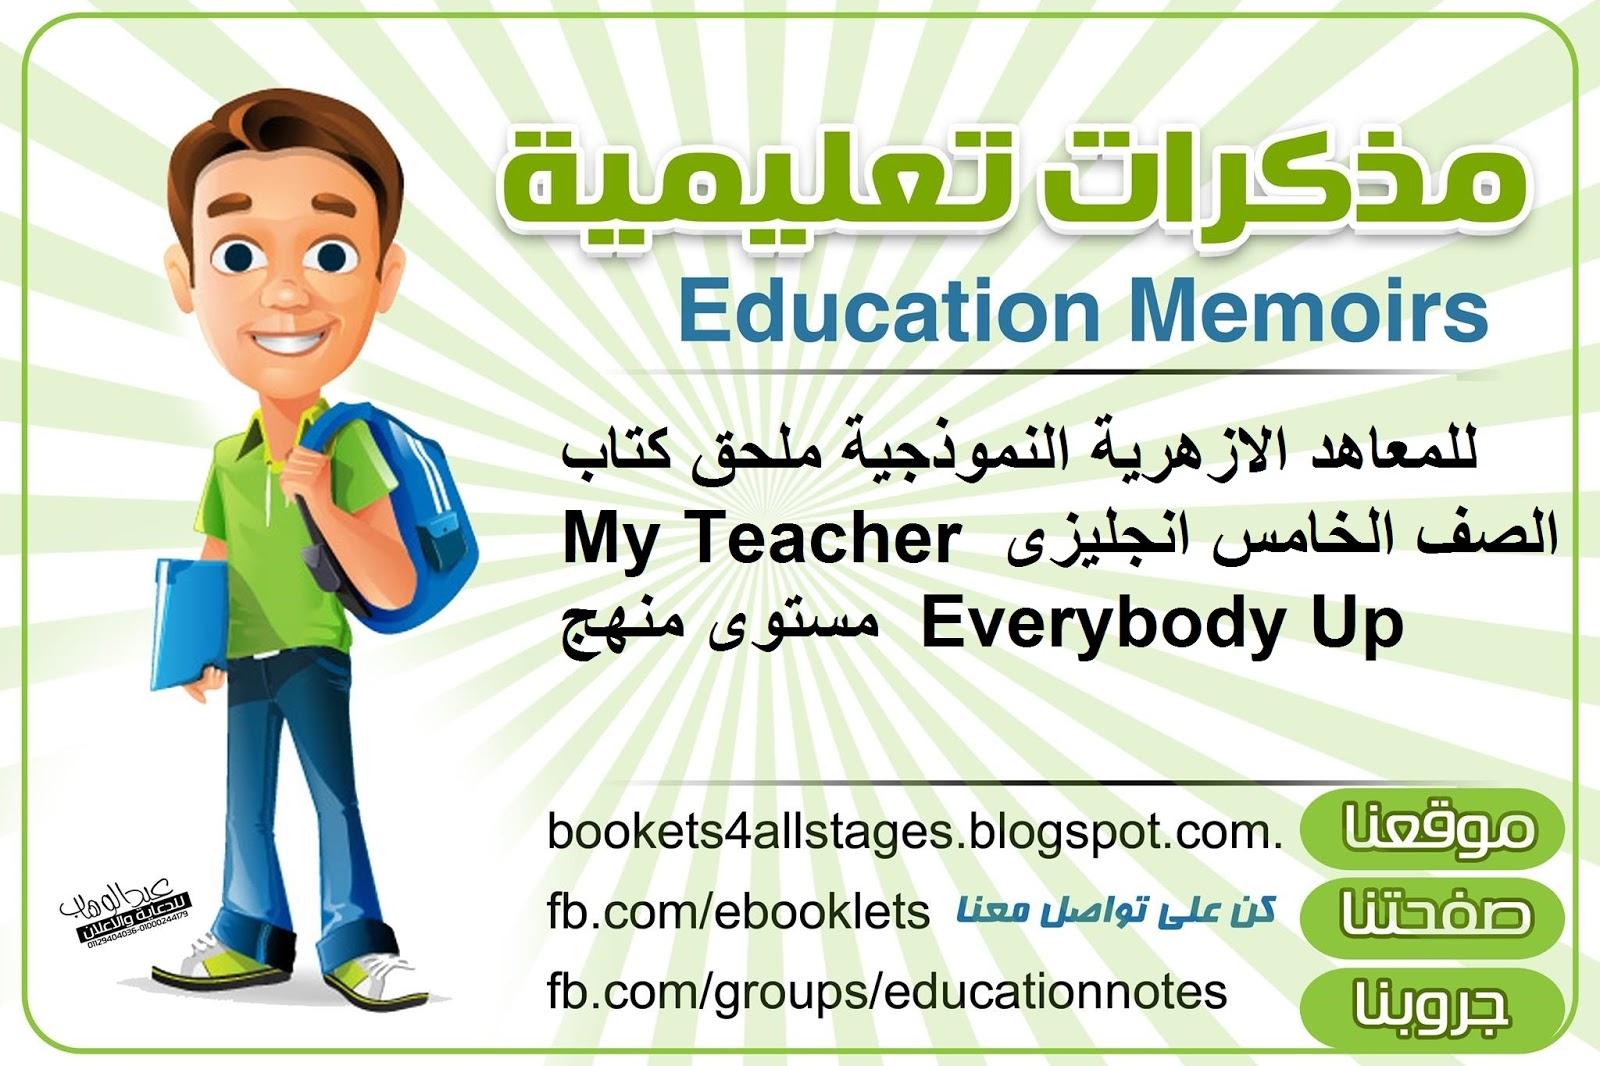 للمعاهد الازهرية النموذجية ملحق كتاب My Teacher الصف الخامس انجليزى مستوى منهج  Everybody Up